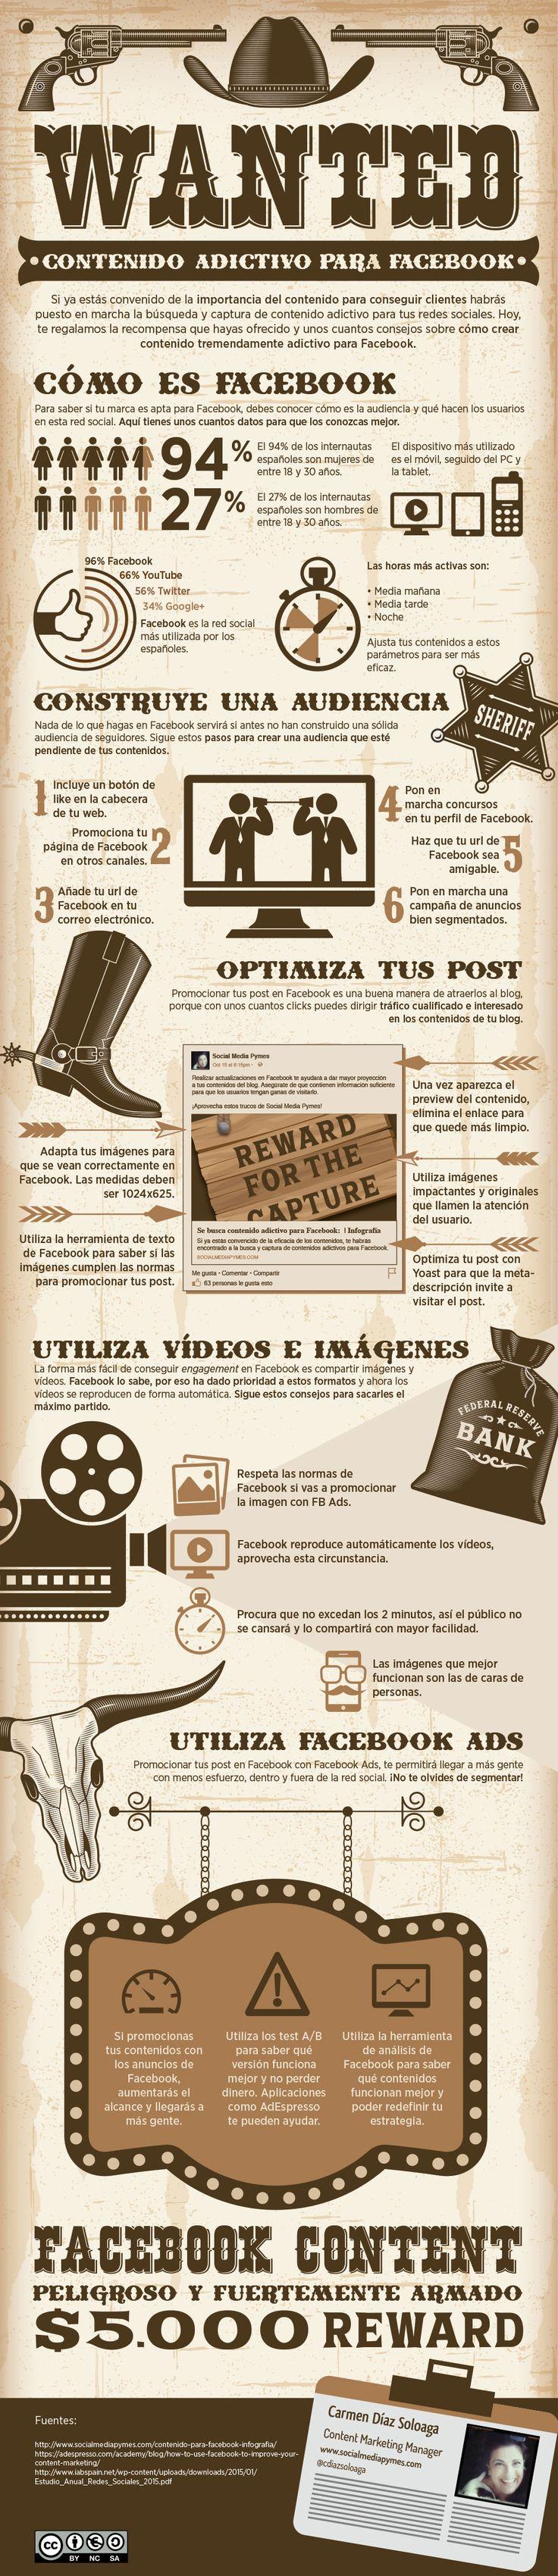 Infografía sobre cómo crear contenidos adictivos para Facebook como parte de tu estrategia de contenidos. Blog de marketing de contenidos.